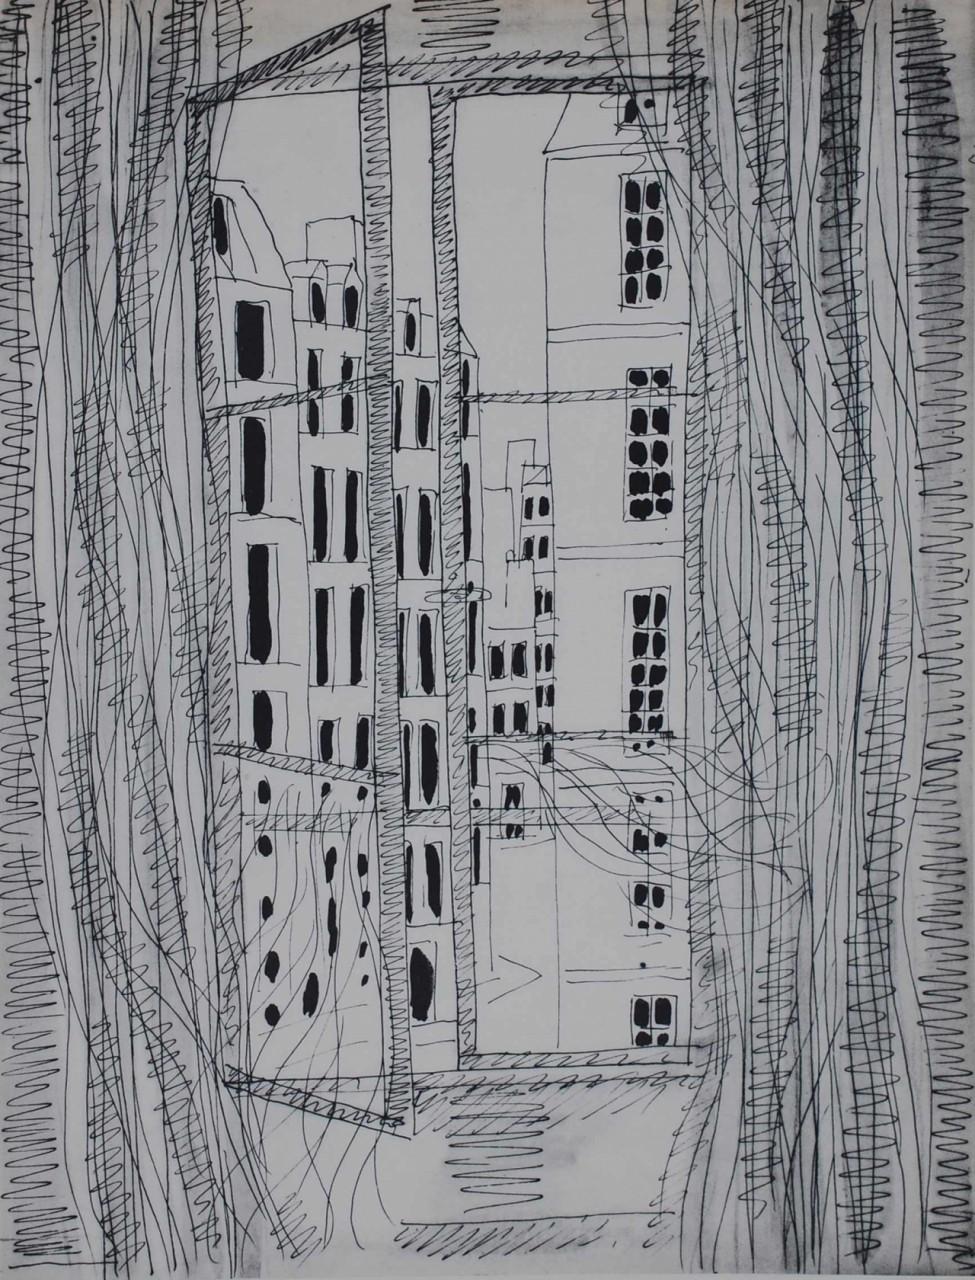 CHARBONNIER Pierre fenêtre paysage urbain